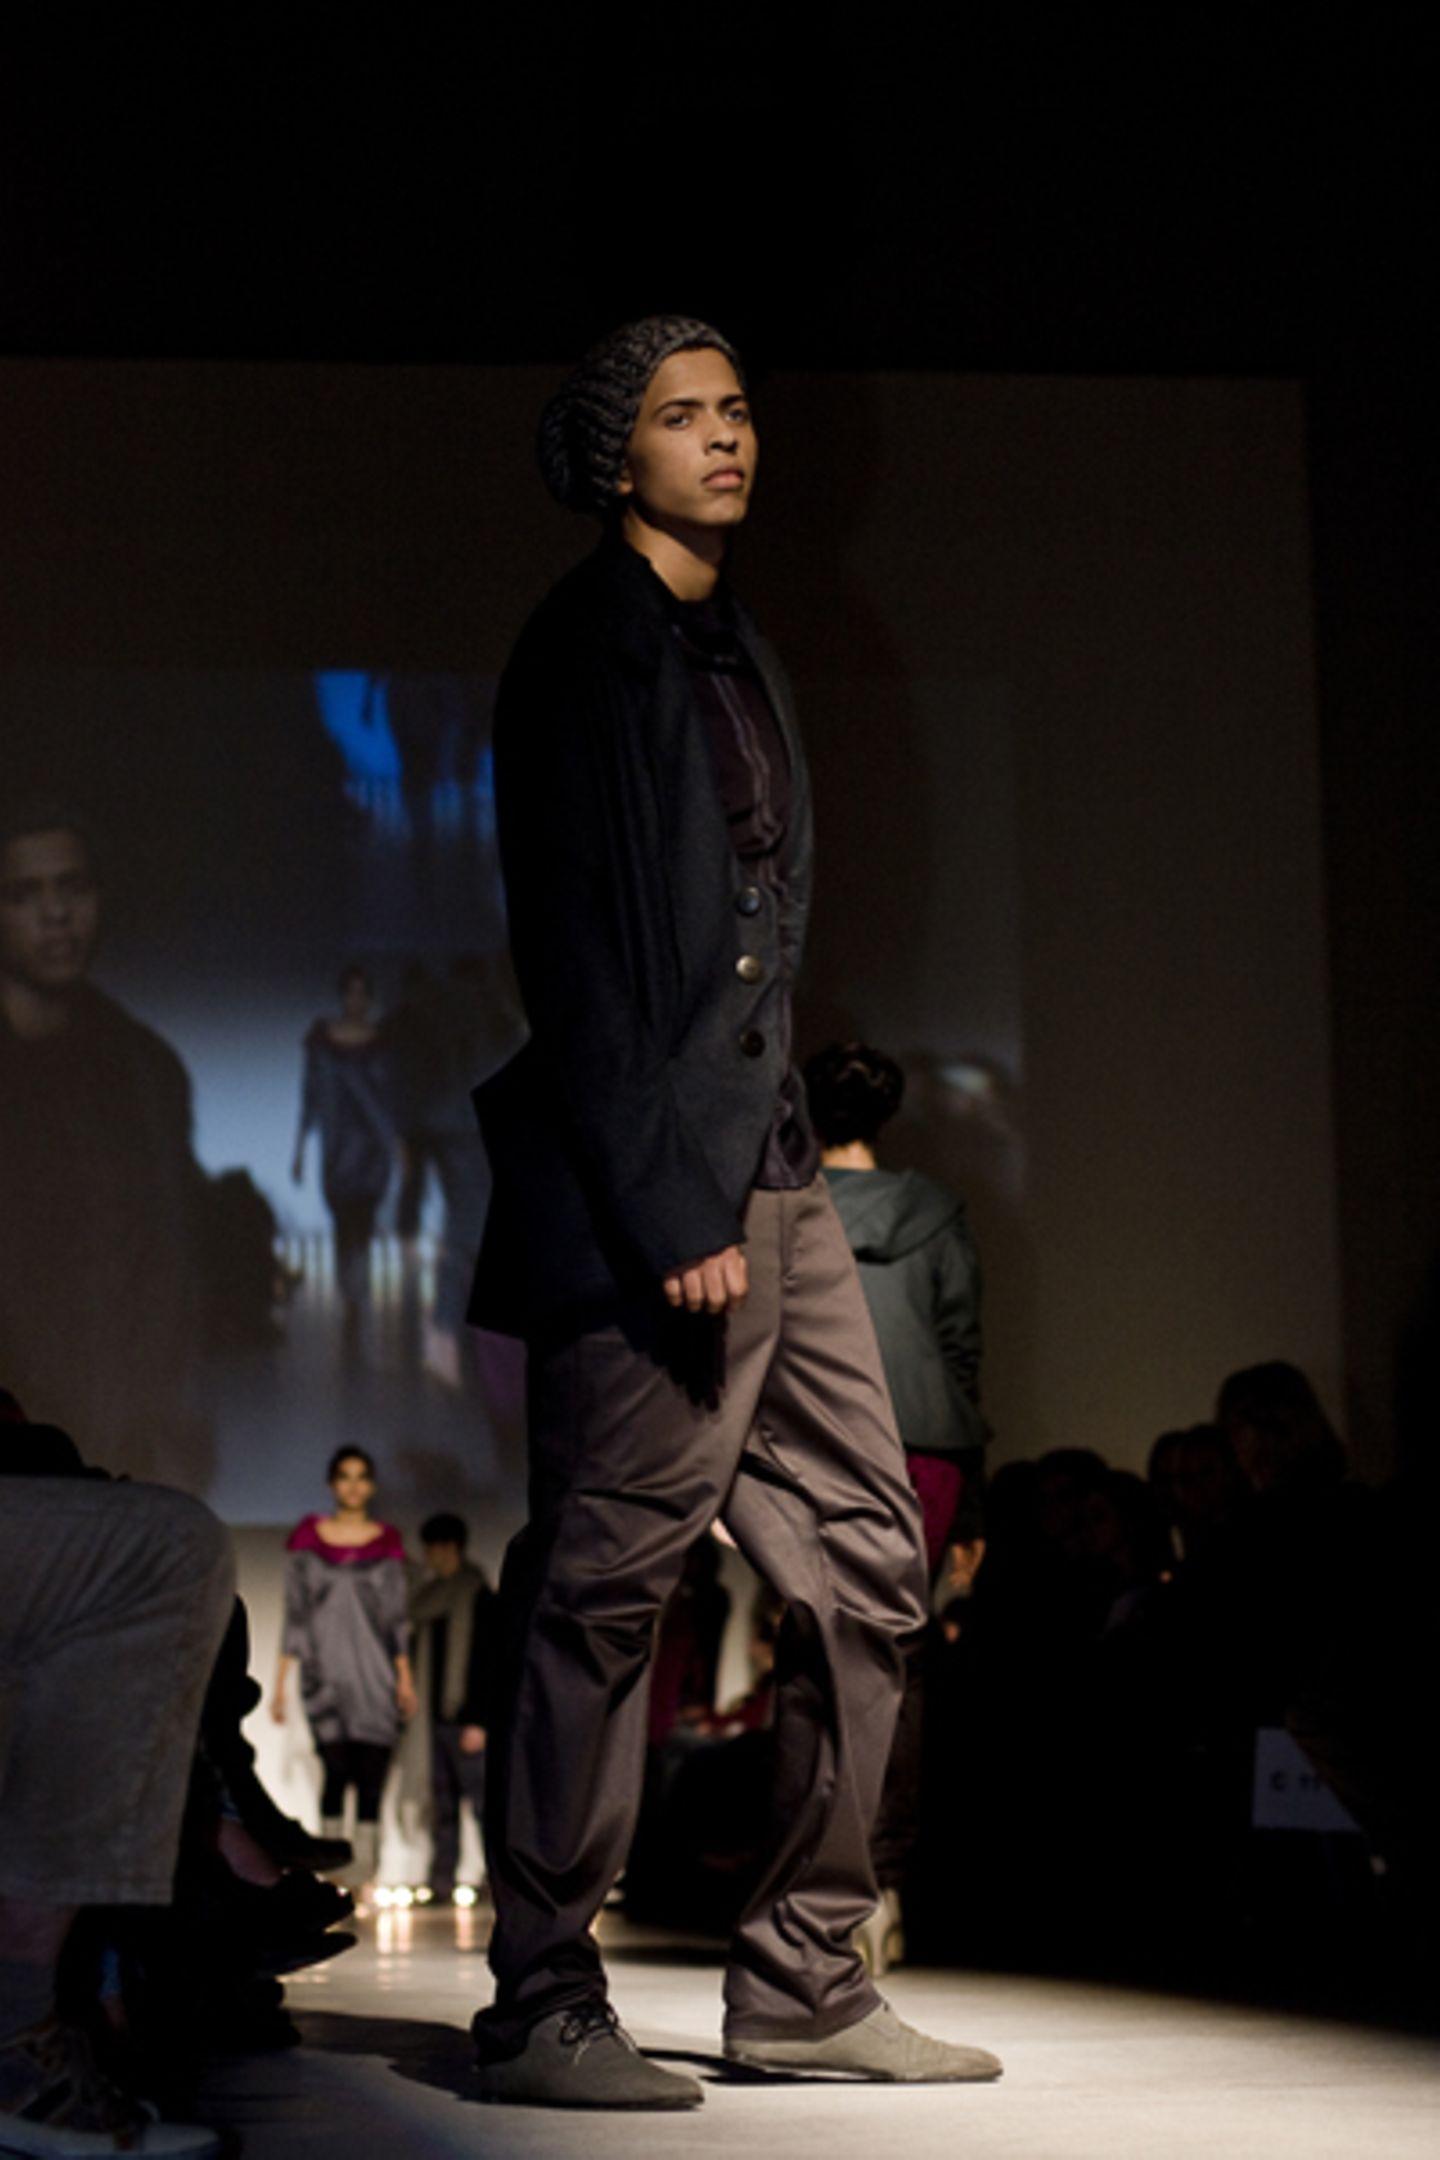 Inken Kunert: Cross-Link 12°S 52°W Inken Kunert hat die traditionelle Körperbemalung der Xingú in einen Kontext zur Urbanität und zur Architektur gestellt. Aufgrund ihres besonderen Kollektionskonzeptes hat Inken vom Goetheinstitut eine Einladung nach Brasilien bekommen, wo sie ihre Kollektion auf einer Fashionshow präsentieren wird.